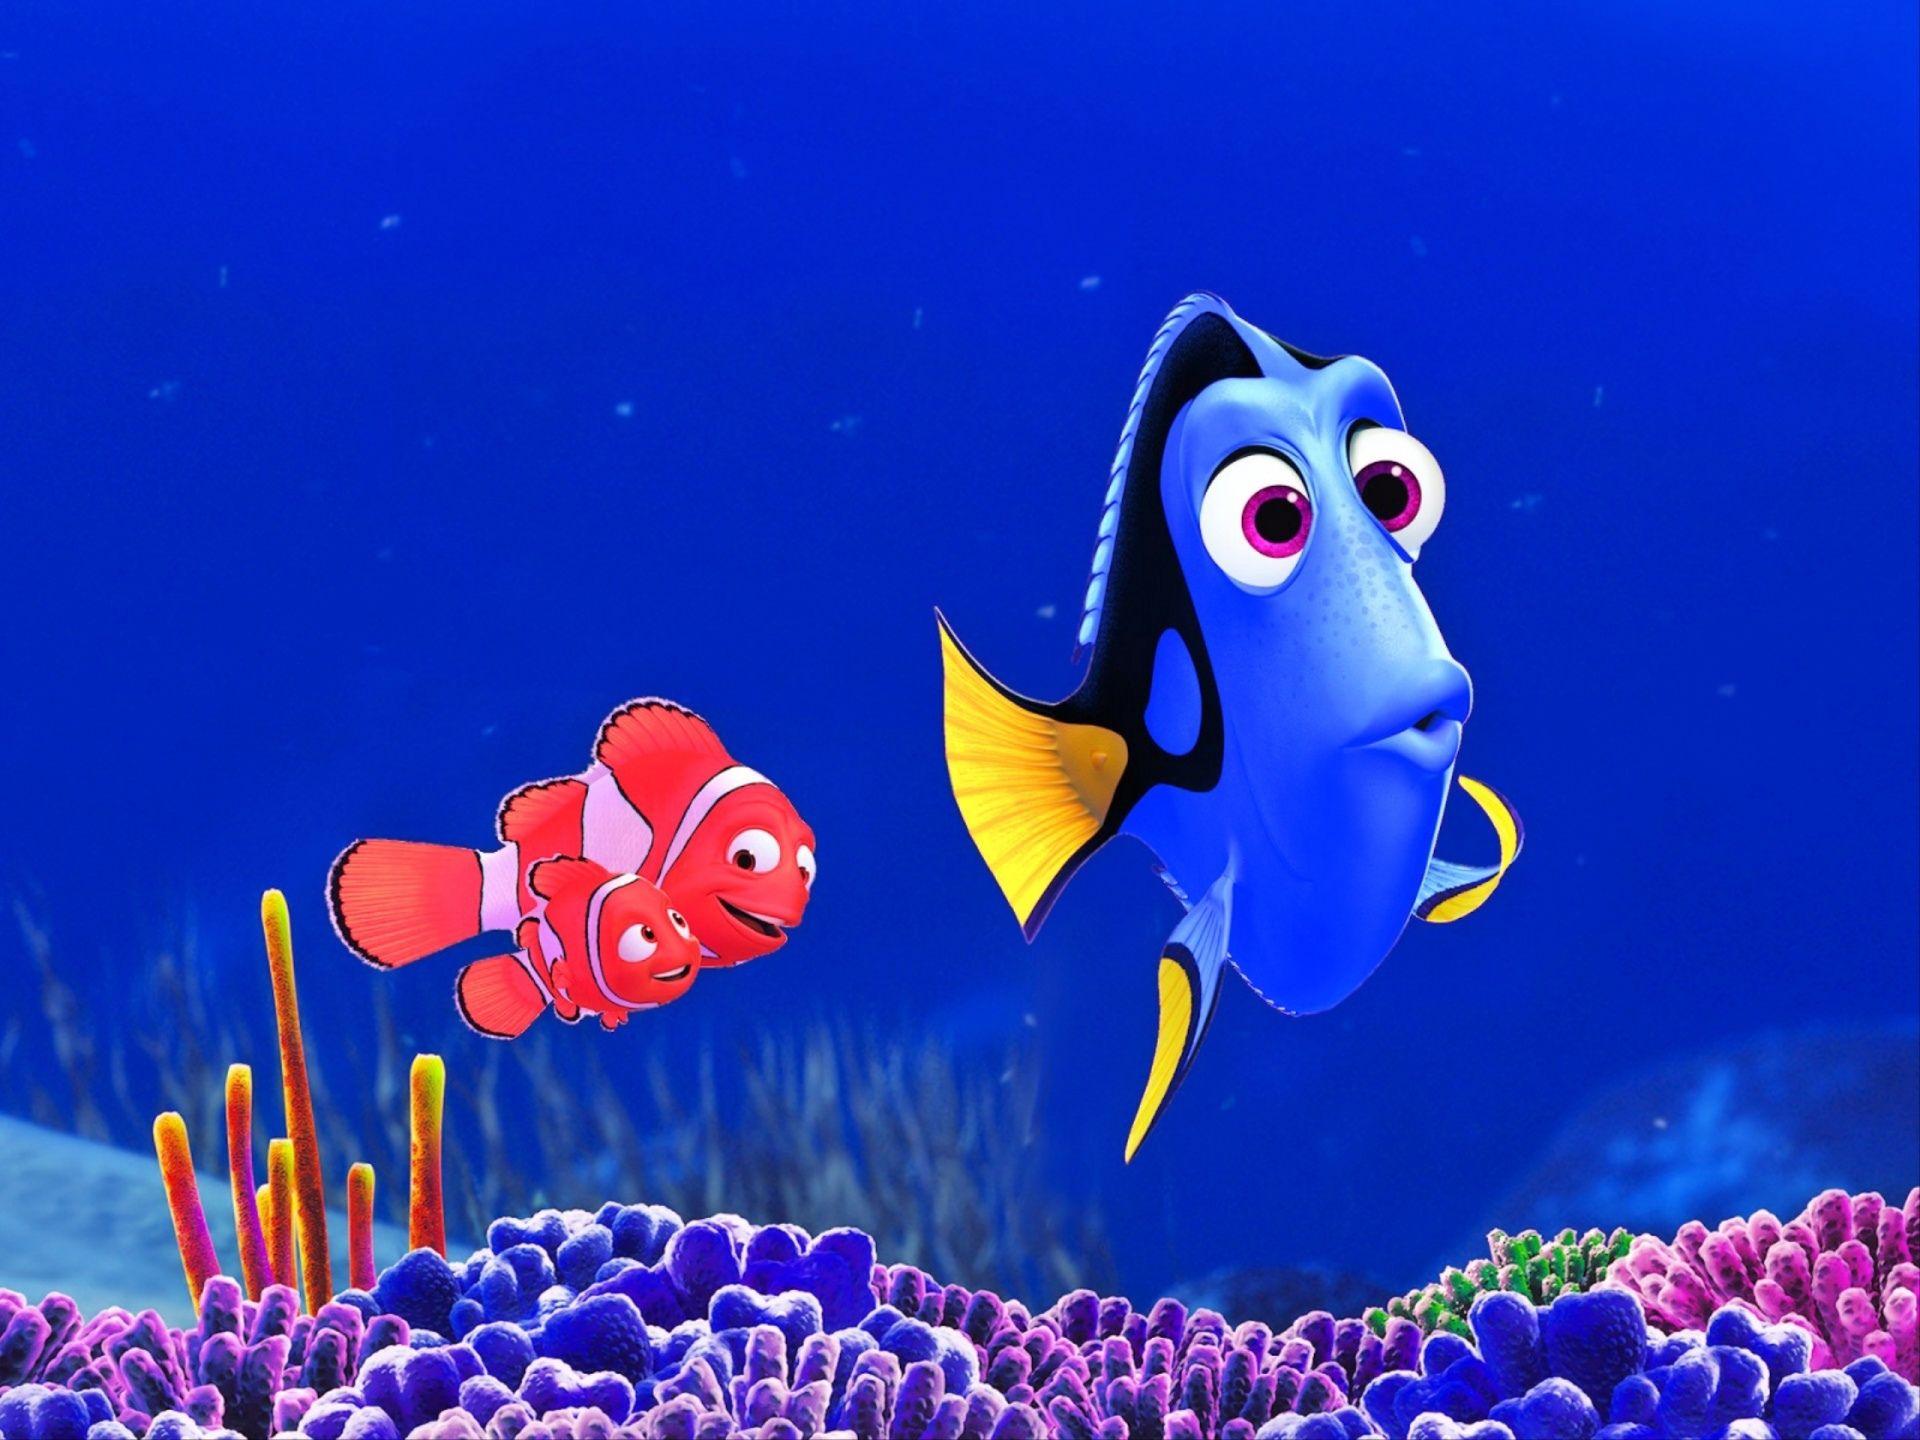 Movie finding nemo nemo finding nemo marlin finding for Immagini dory